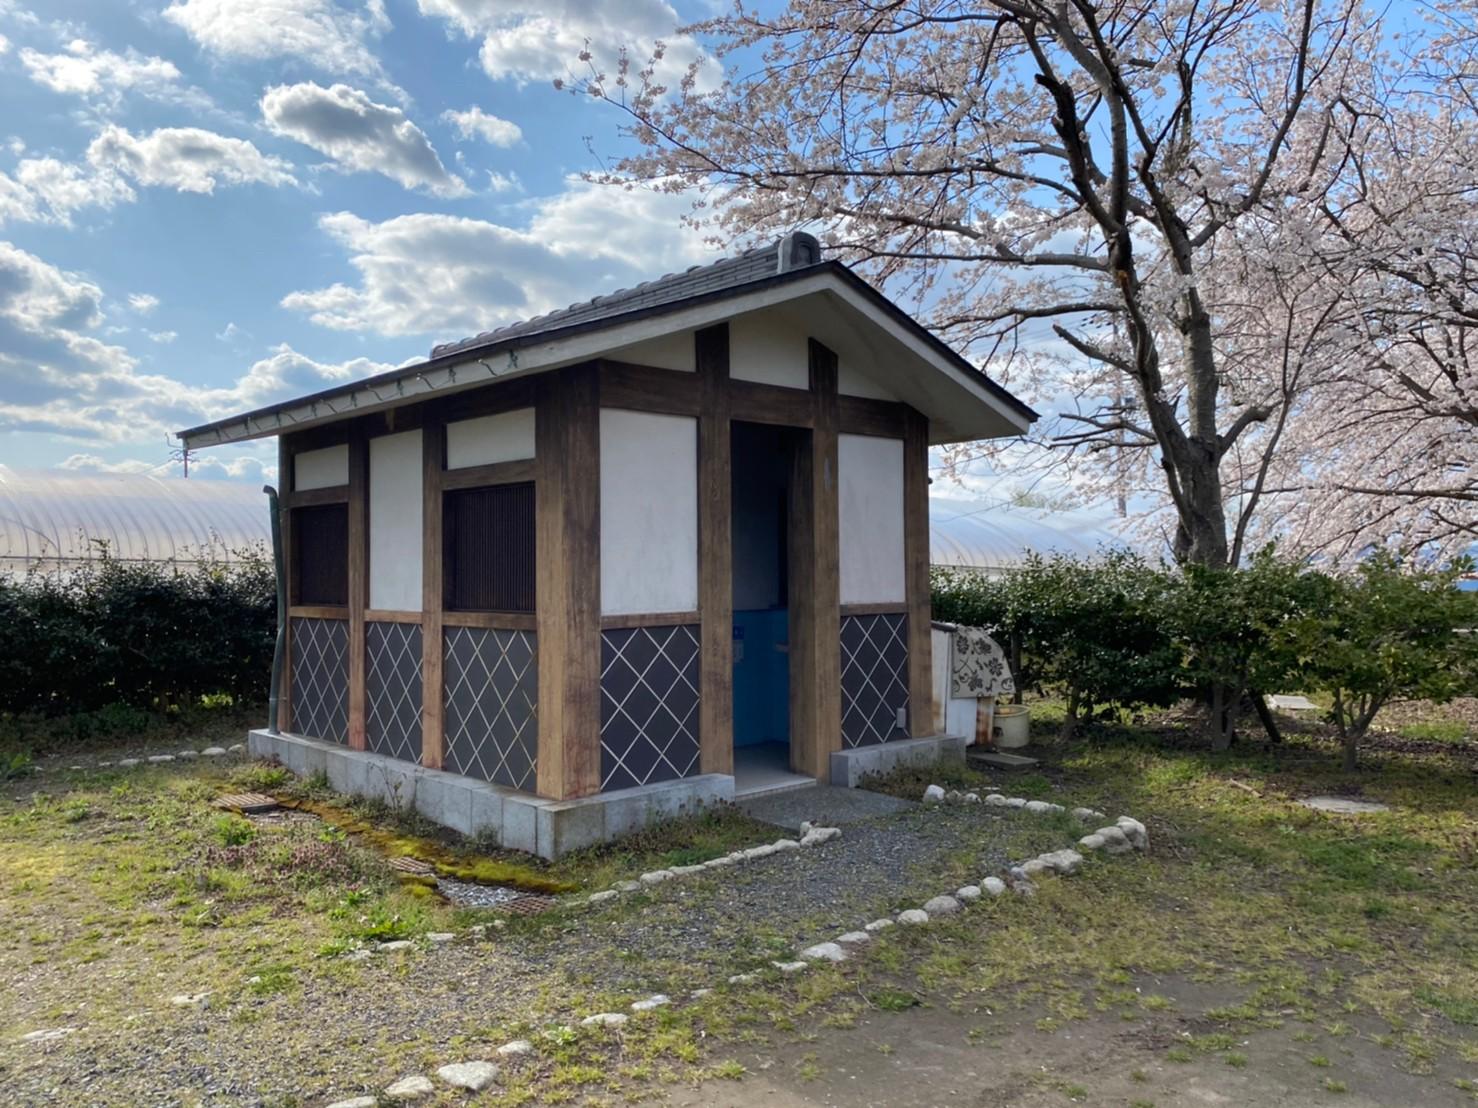 【長浜市】『野田沼緑地公園』周辺のアウトドア情報